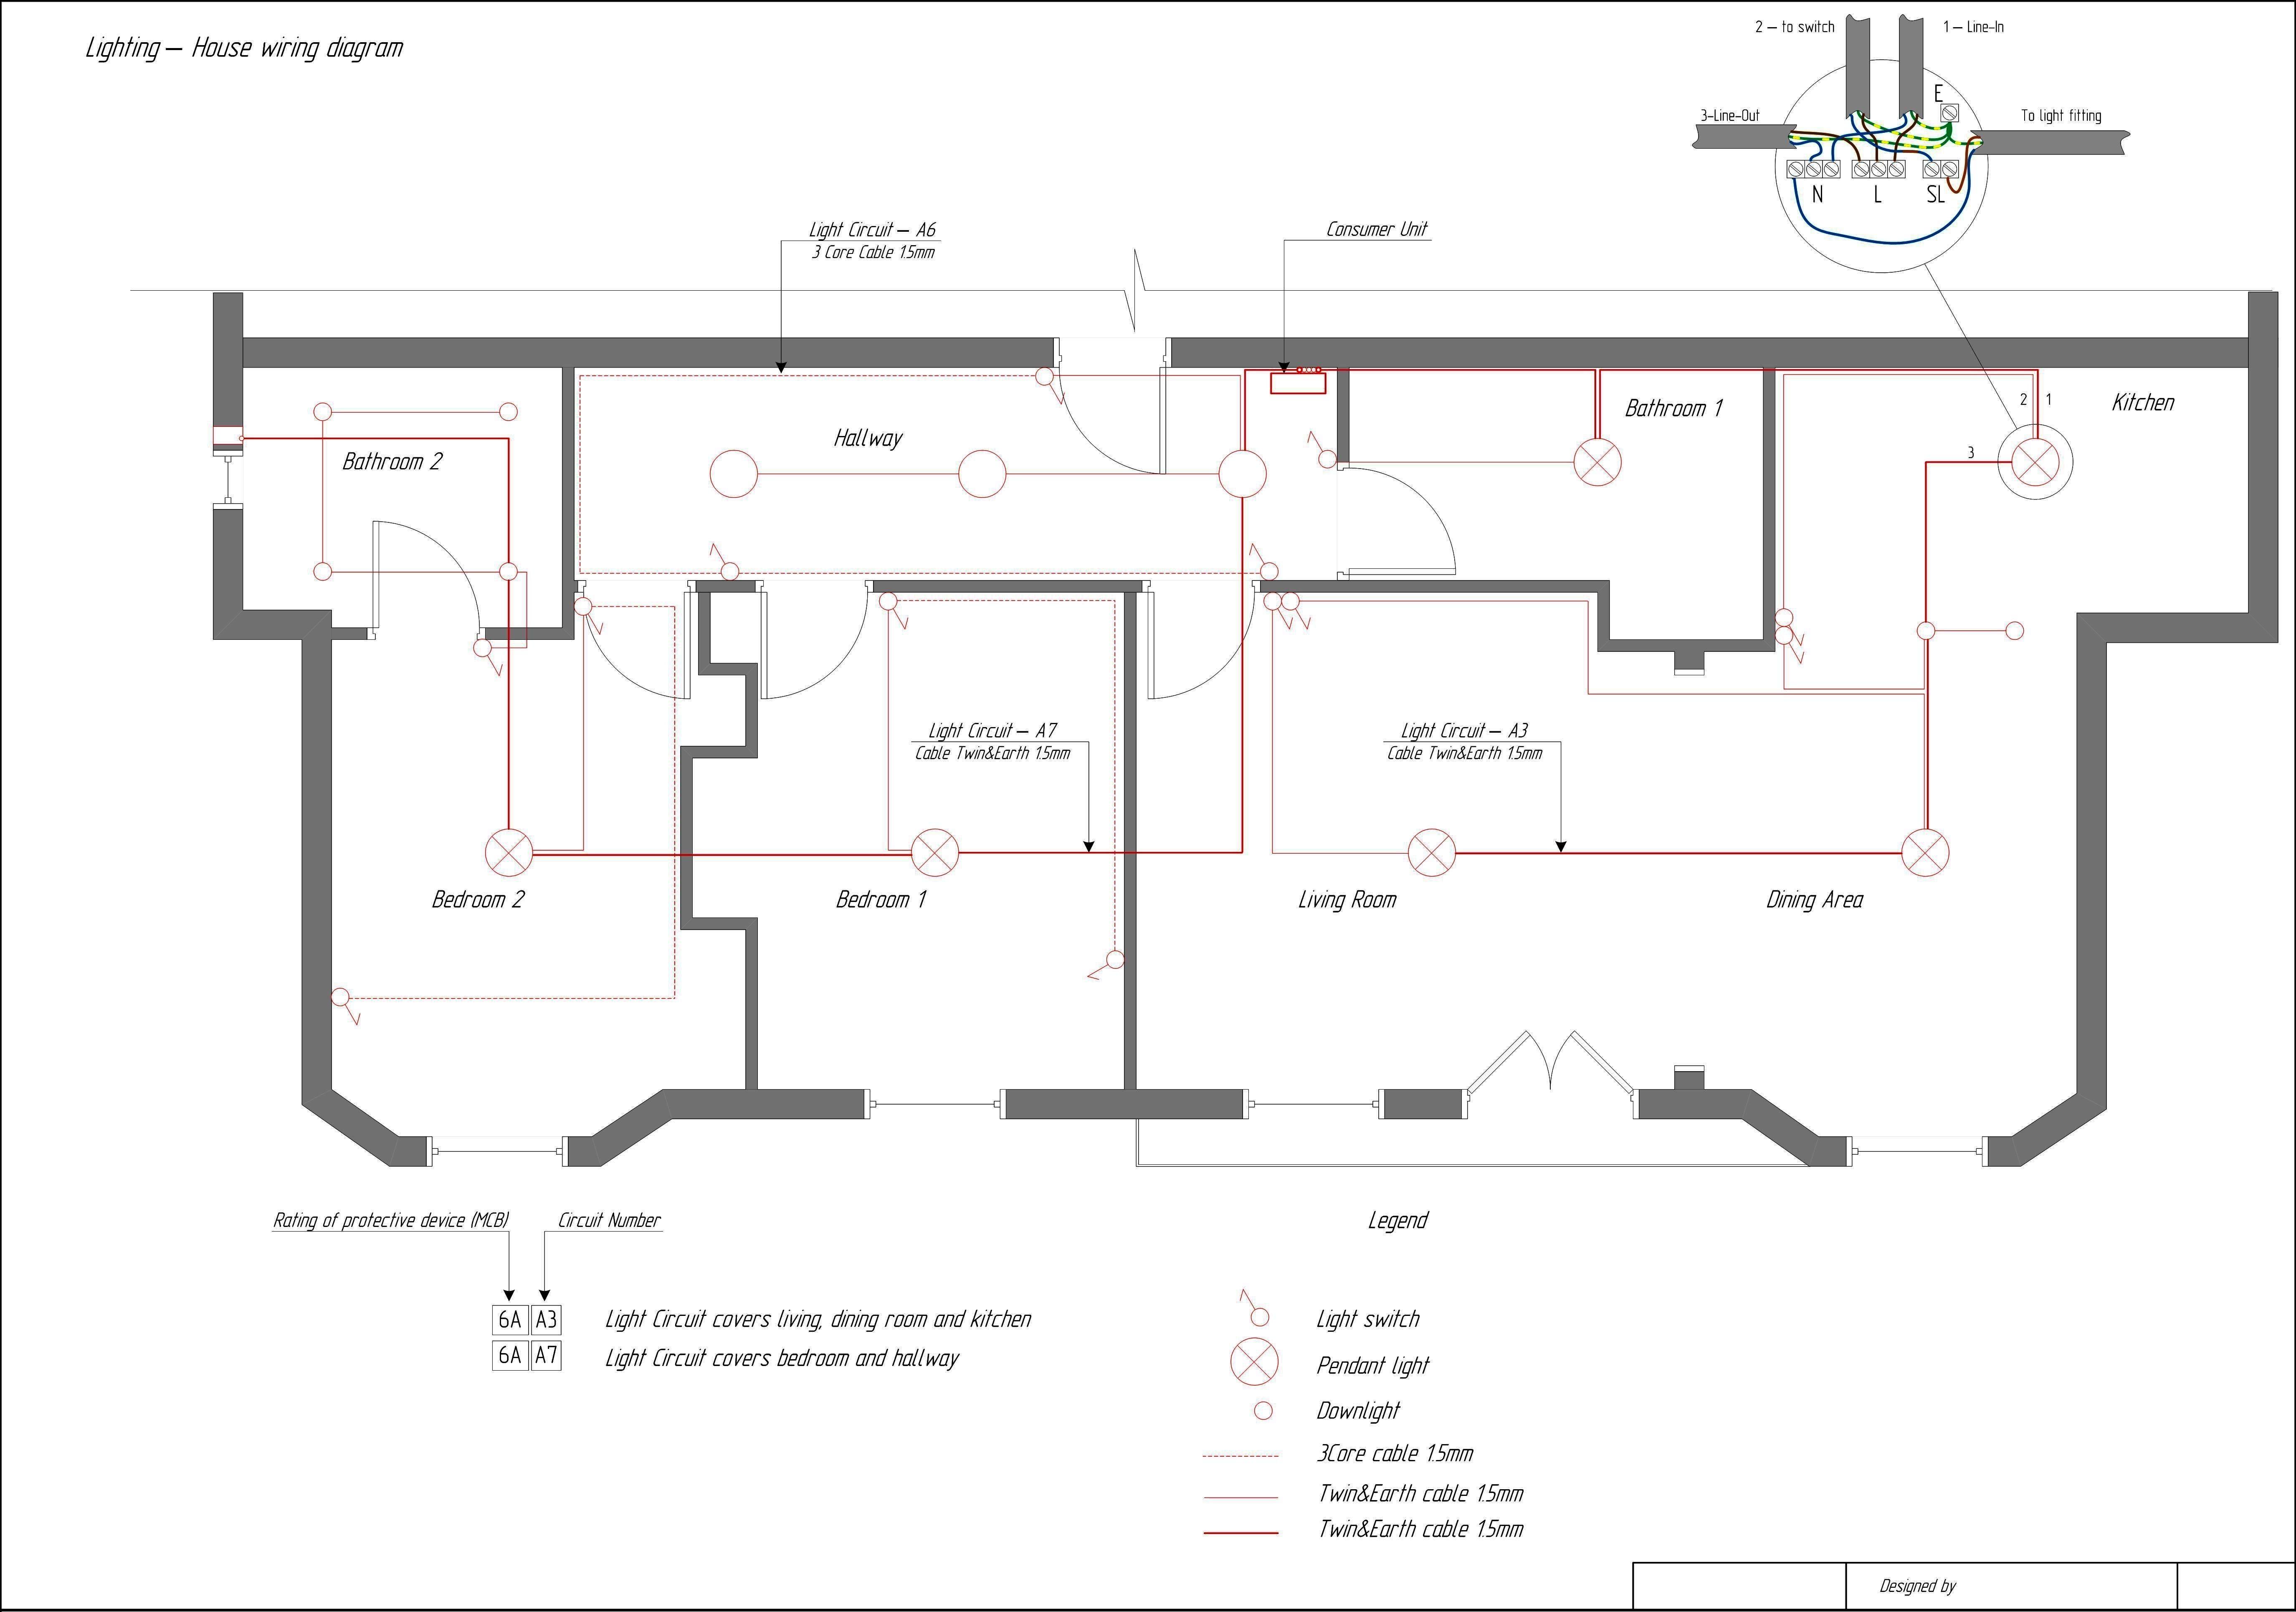 kitchen island electrical wiring kitchen appliances tips and review rh kitchen healthymarriagesgr org Oven Wiring Schematic One Wire Alternator Diagram Schematics